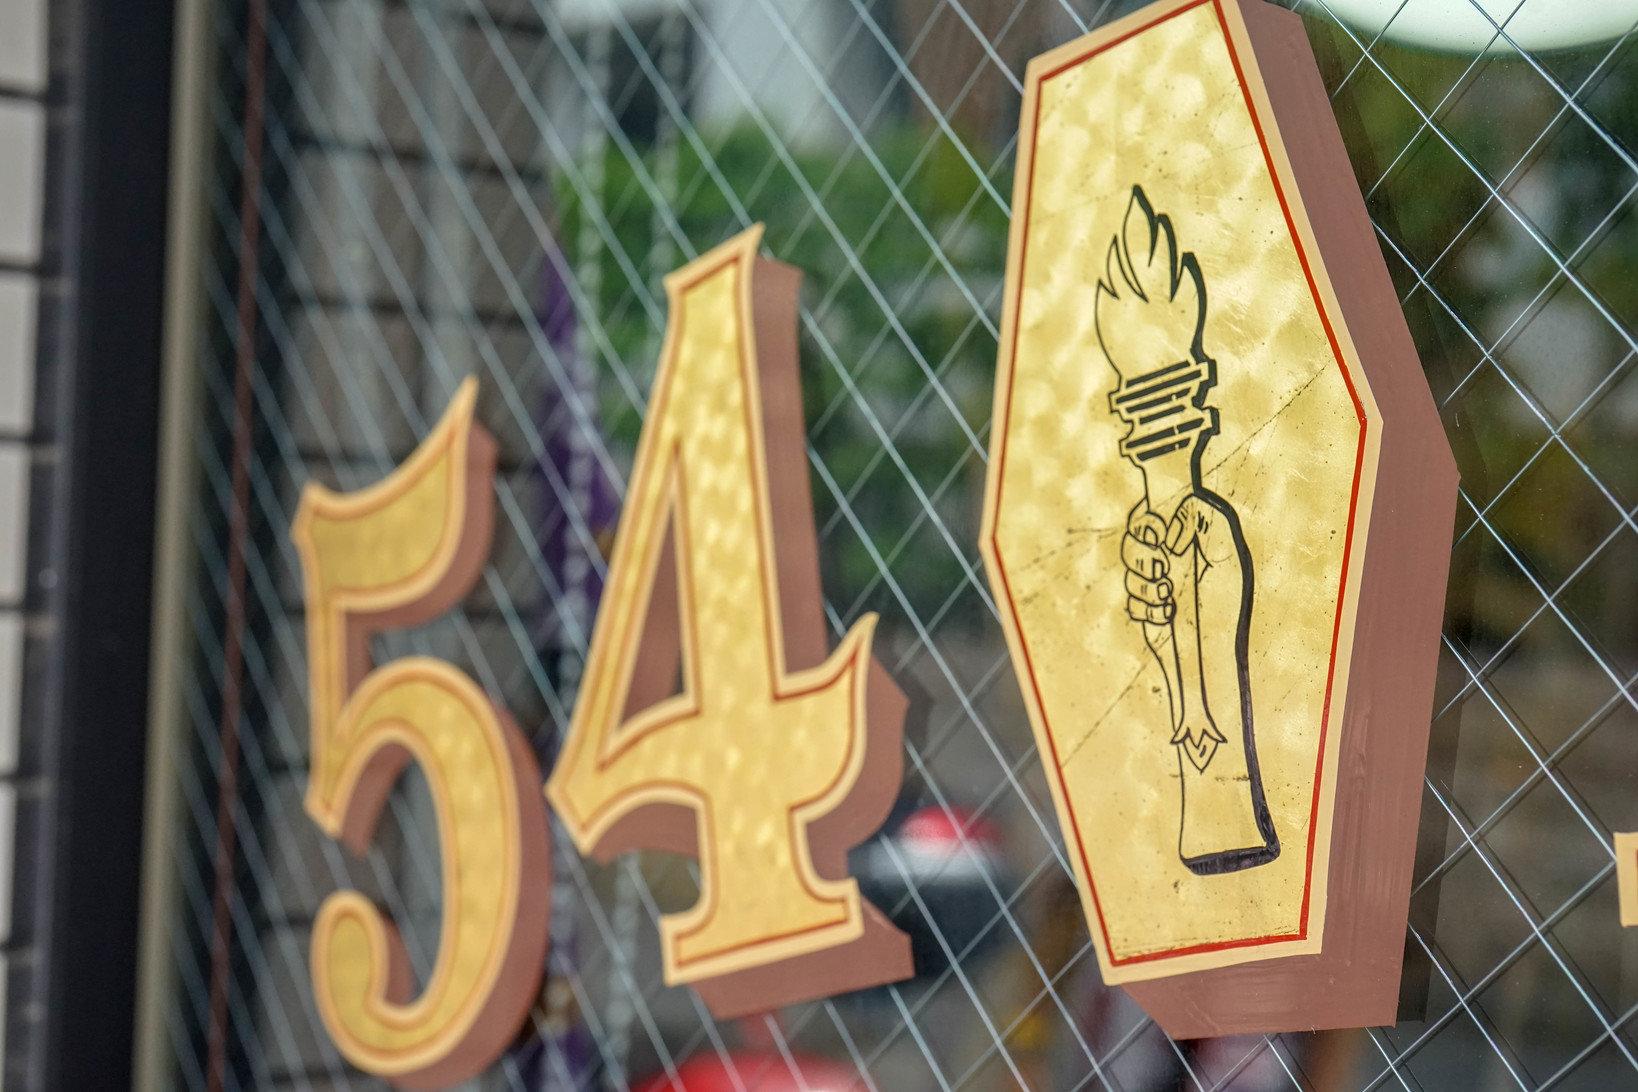 ガラスに貼られているアートワークは、成田さんの友人に施してもらったもの 。金箔でをペタペタと貼り付けてコーティングする手法で作られており、50sのテイストが表現されている。これができる職人さんは少なくなっているそう。